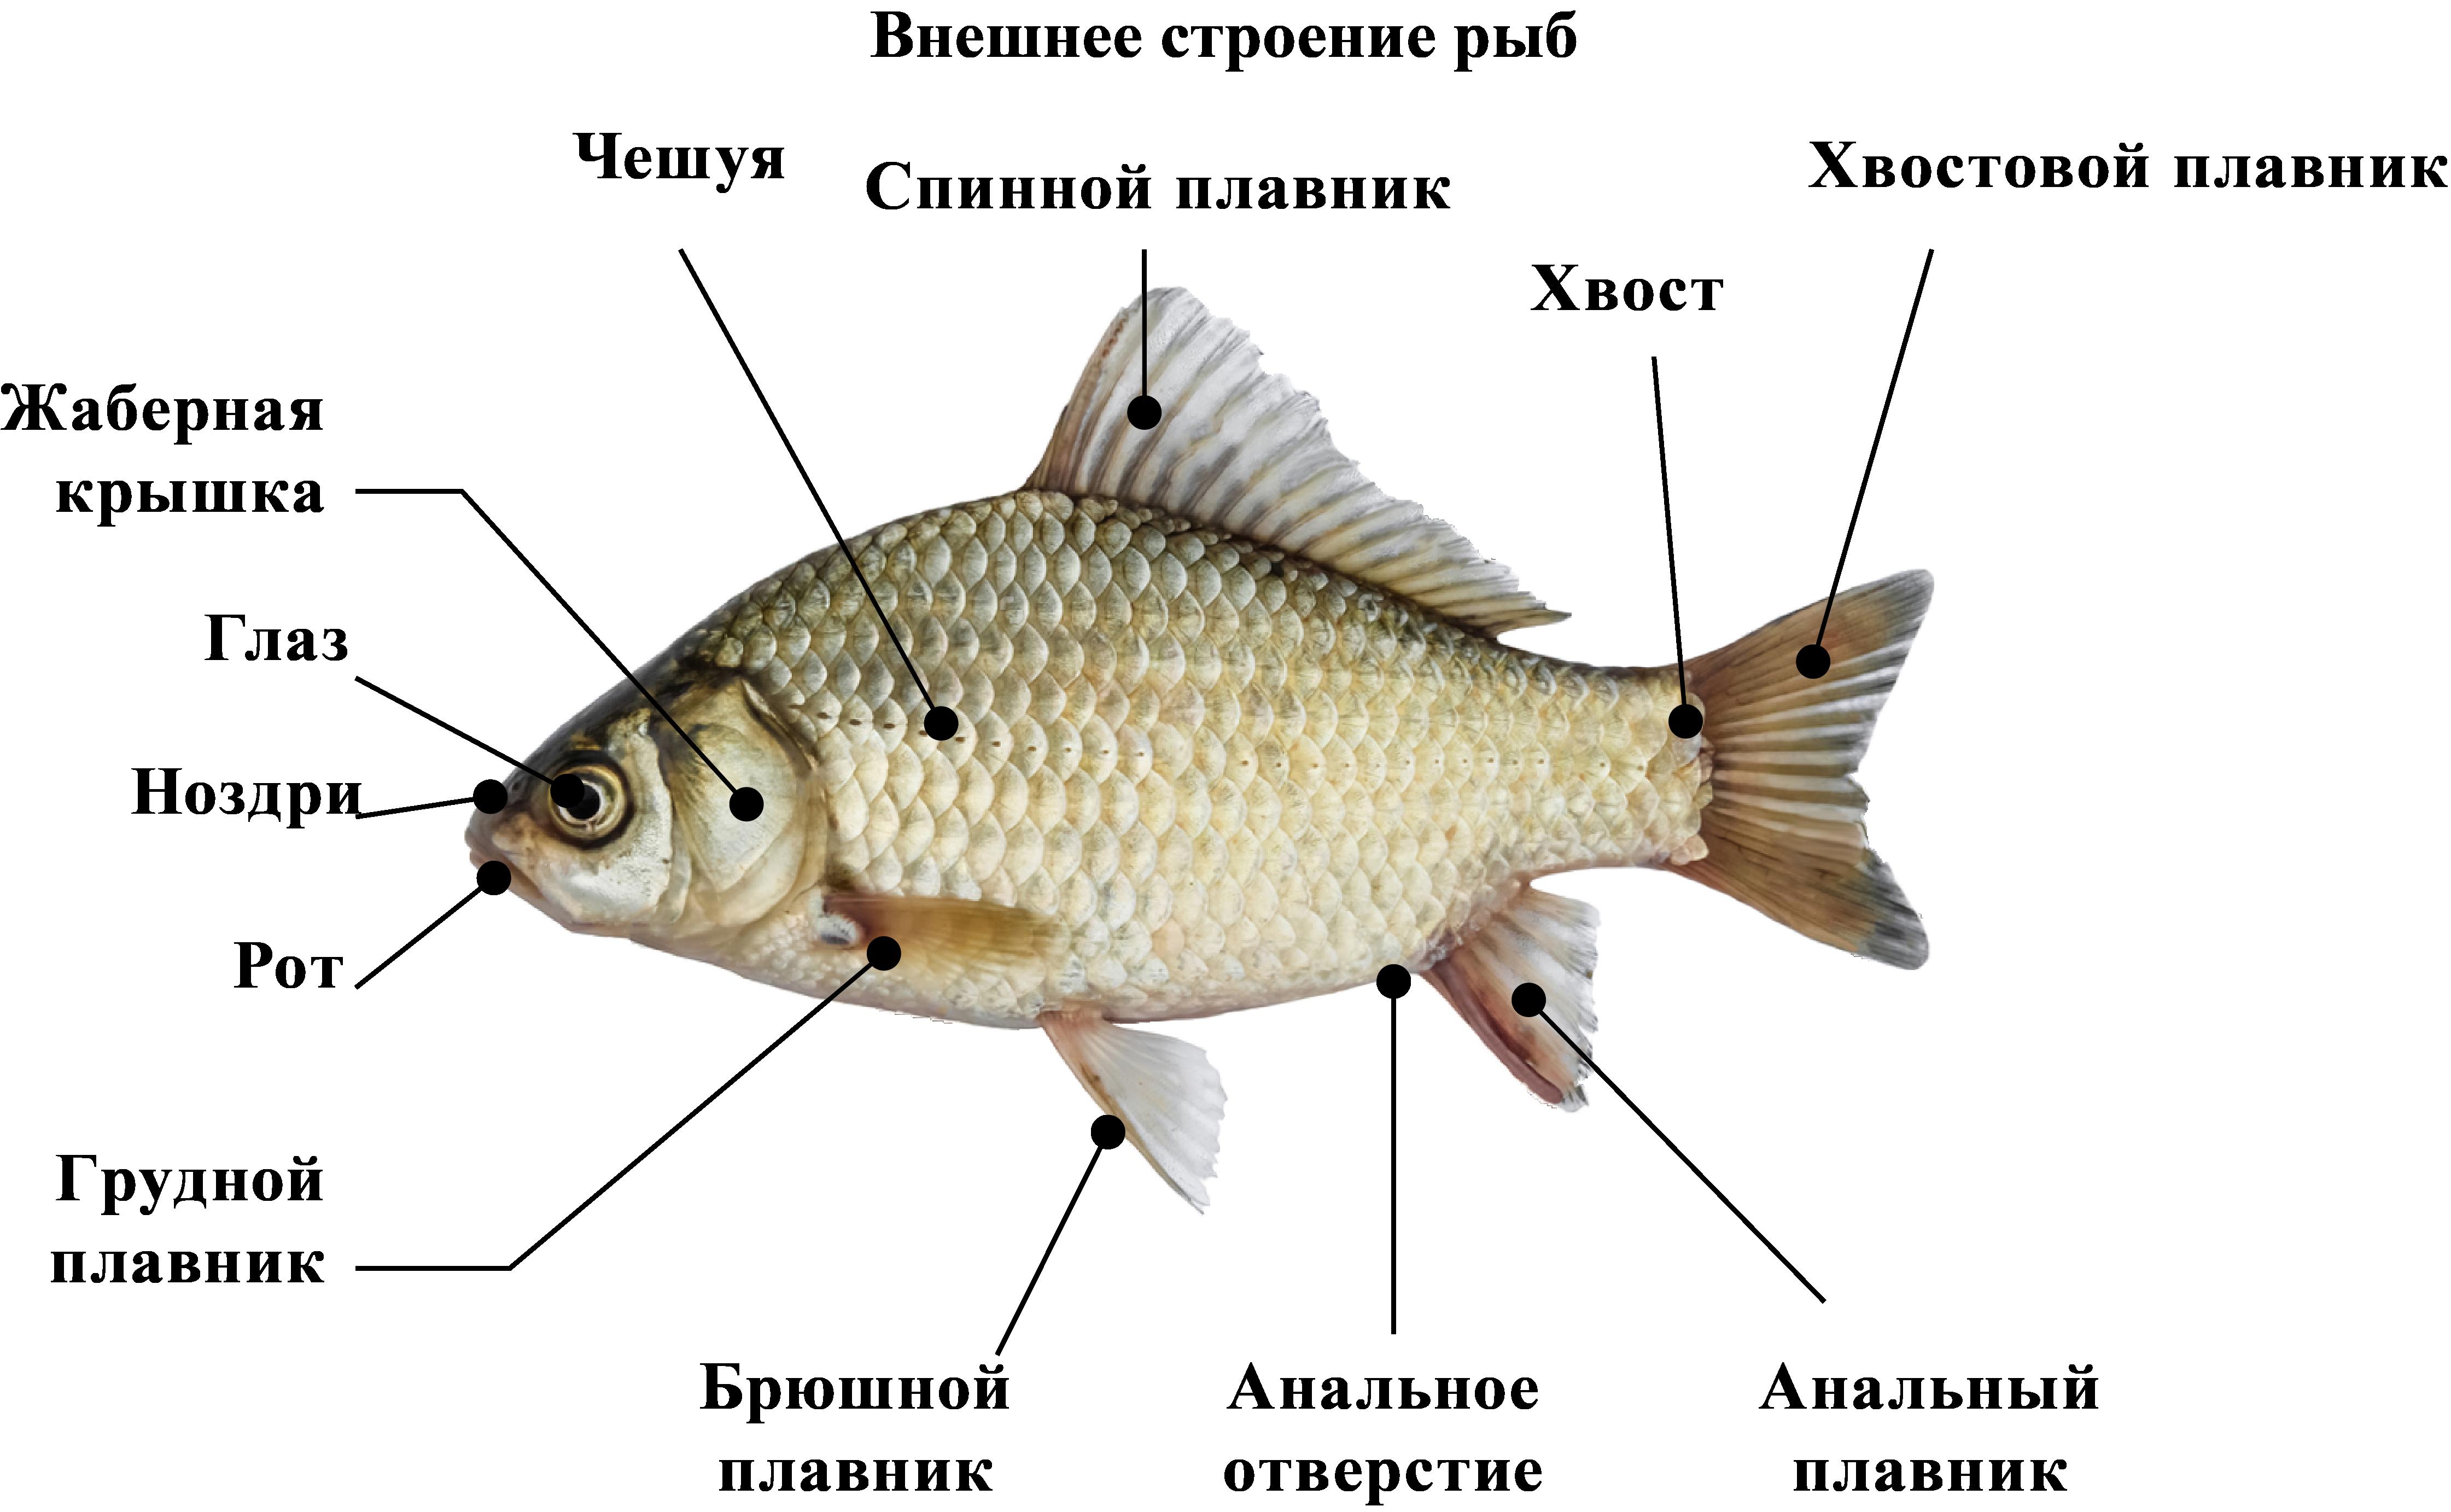 Внешнее строение рыб